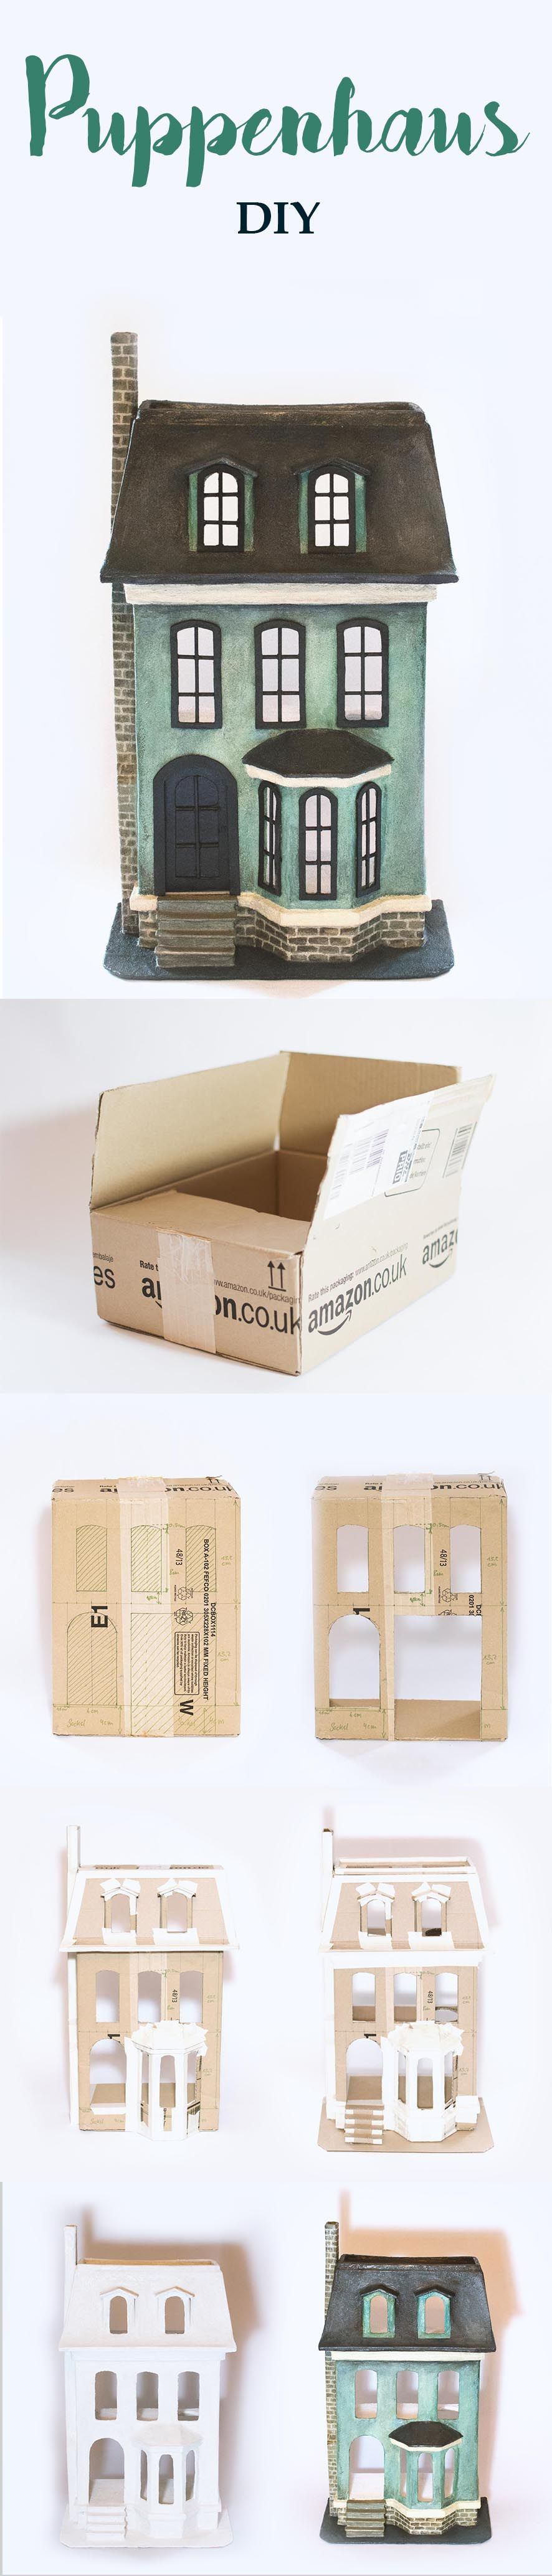 einfaches puppenhaus selber bauen aus altem versandkarton pappmache karton puppenhaus diy. Black Bedroom Furniture Sets. Home Design Ideas